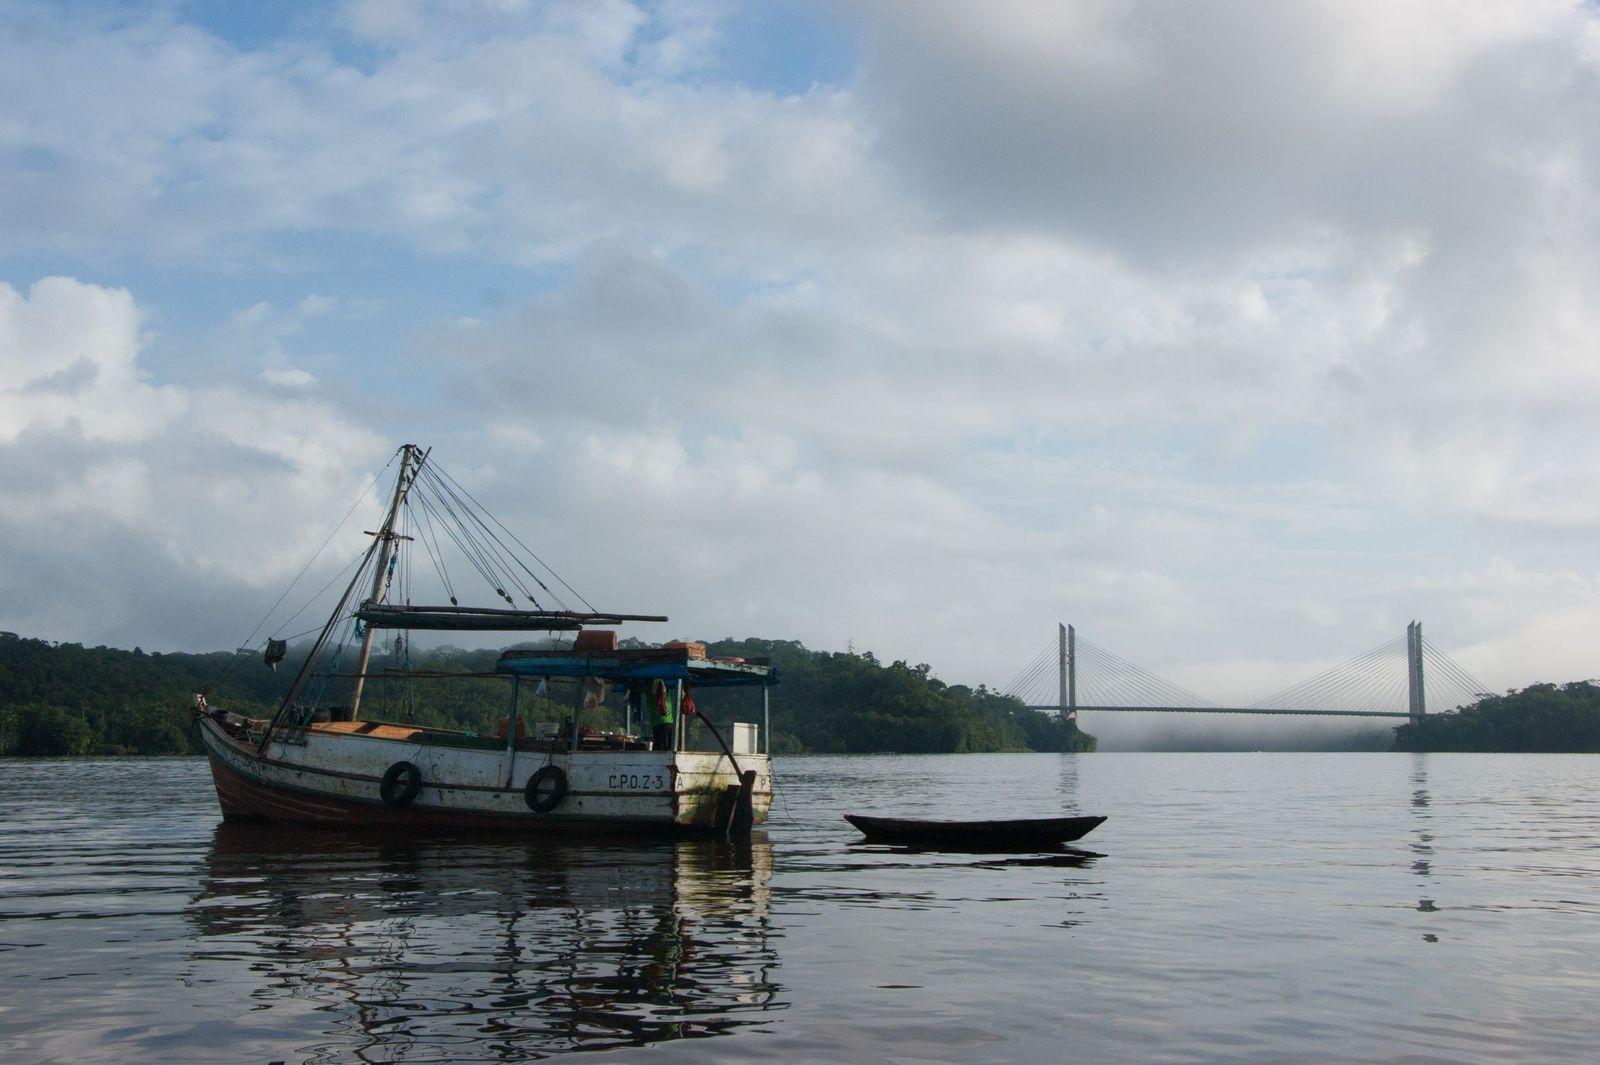 Rio Oiapoque separa os municípios de Saint-Georges, na Guiana Francesa, e Oiapoque, no Amapá,  Brasil.